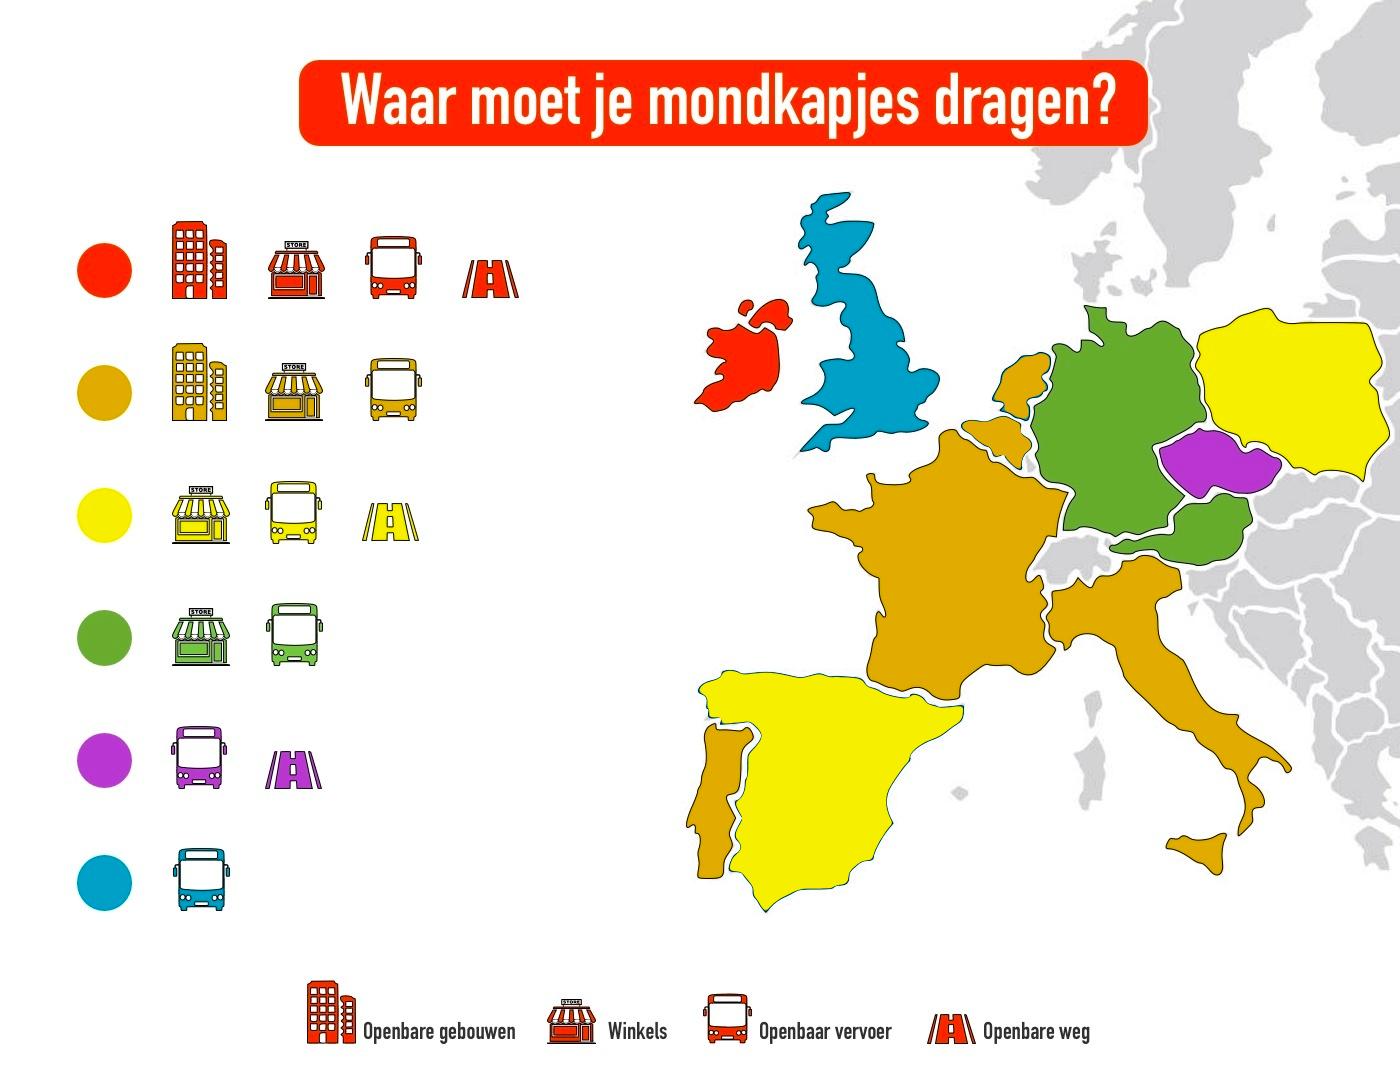 Kaart met overzicht waar mondkapjes verplicht zijn in Europa